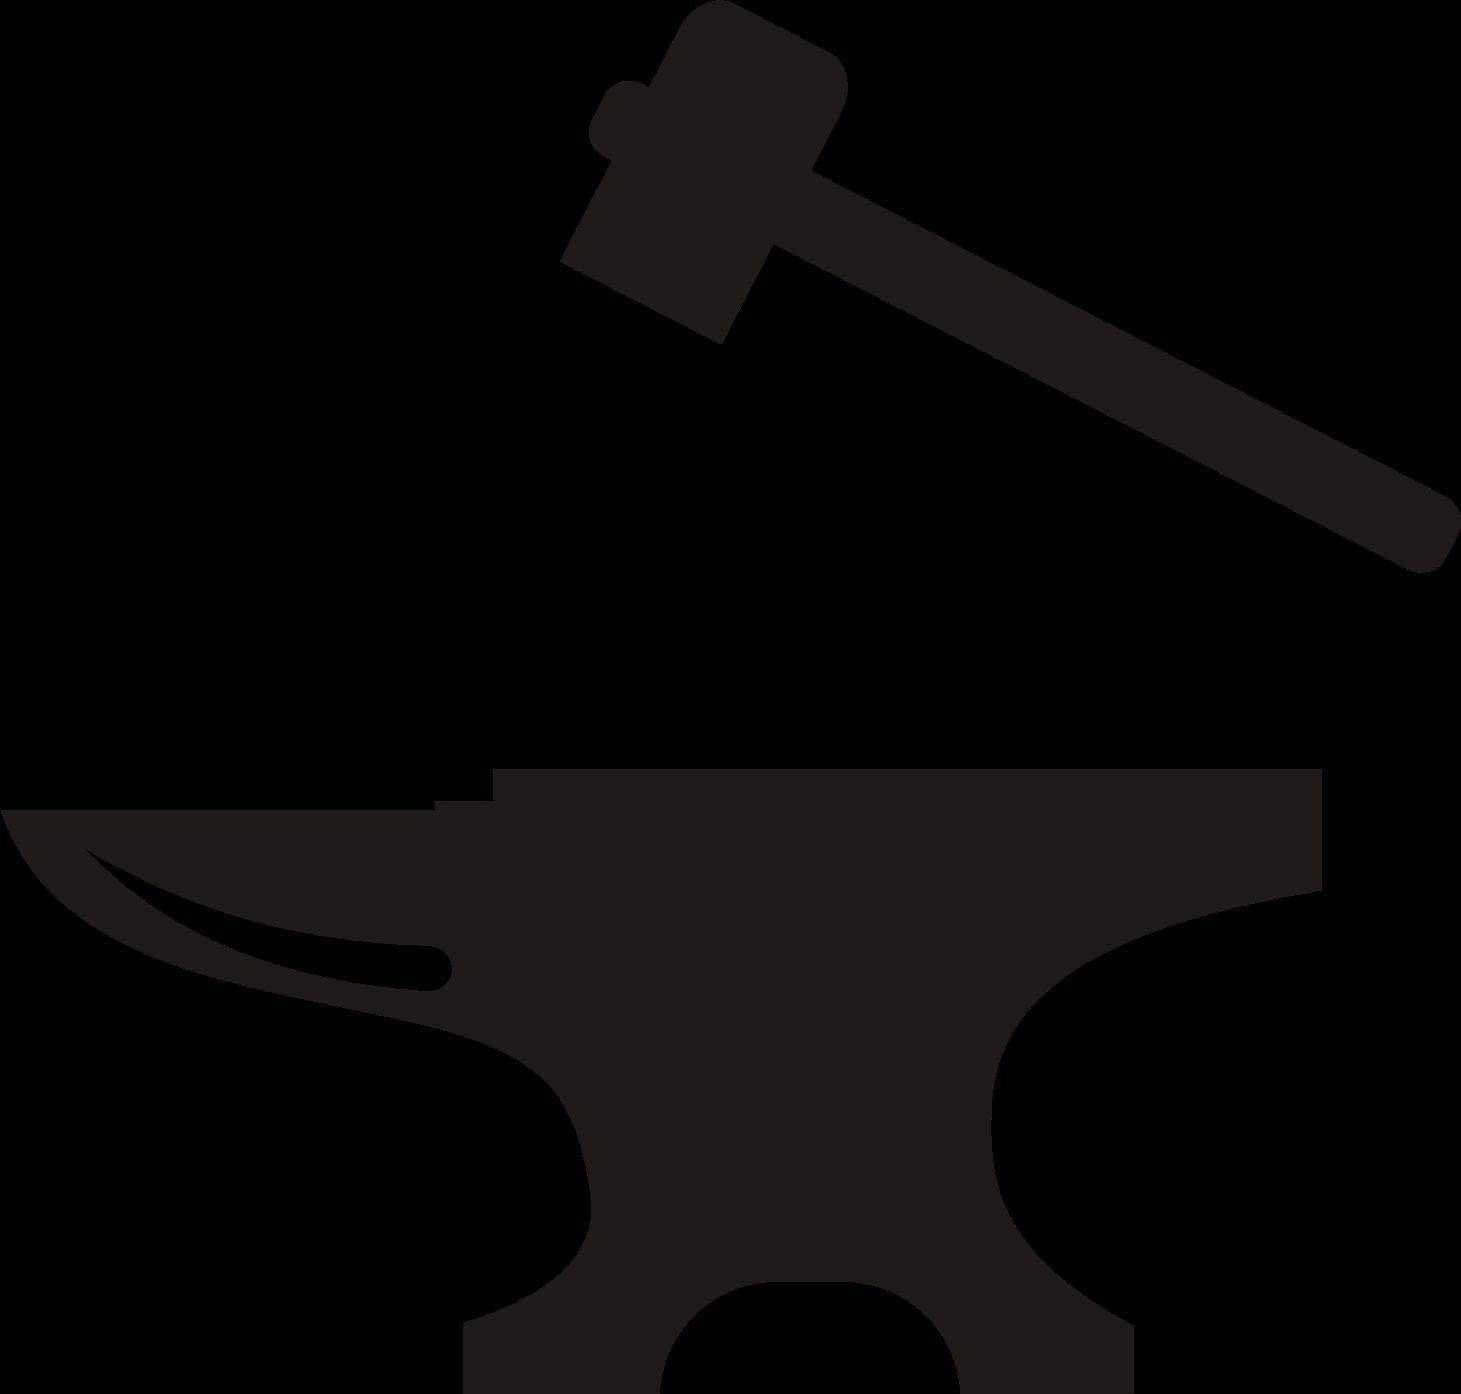 Anvil Blacksmith Hammer Clip art.